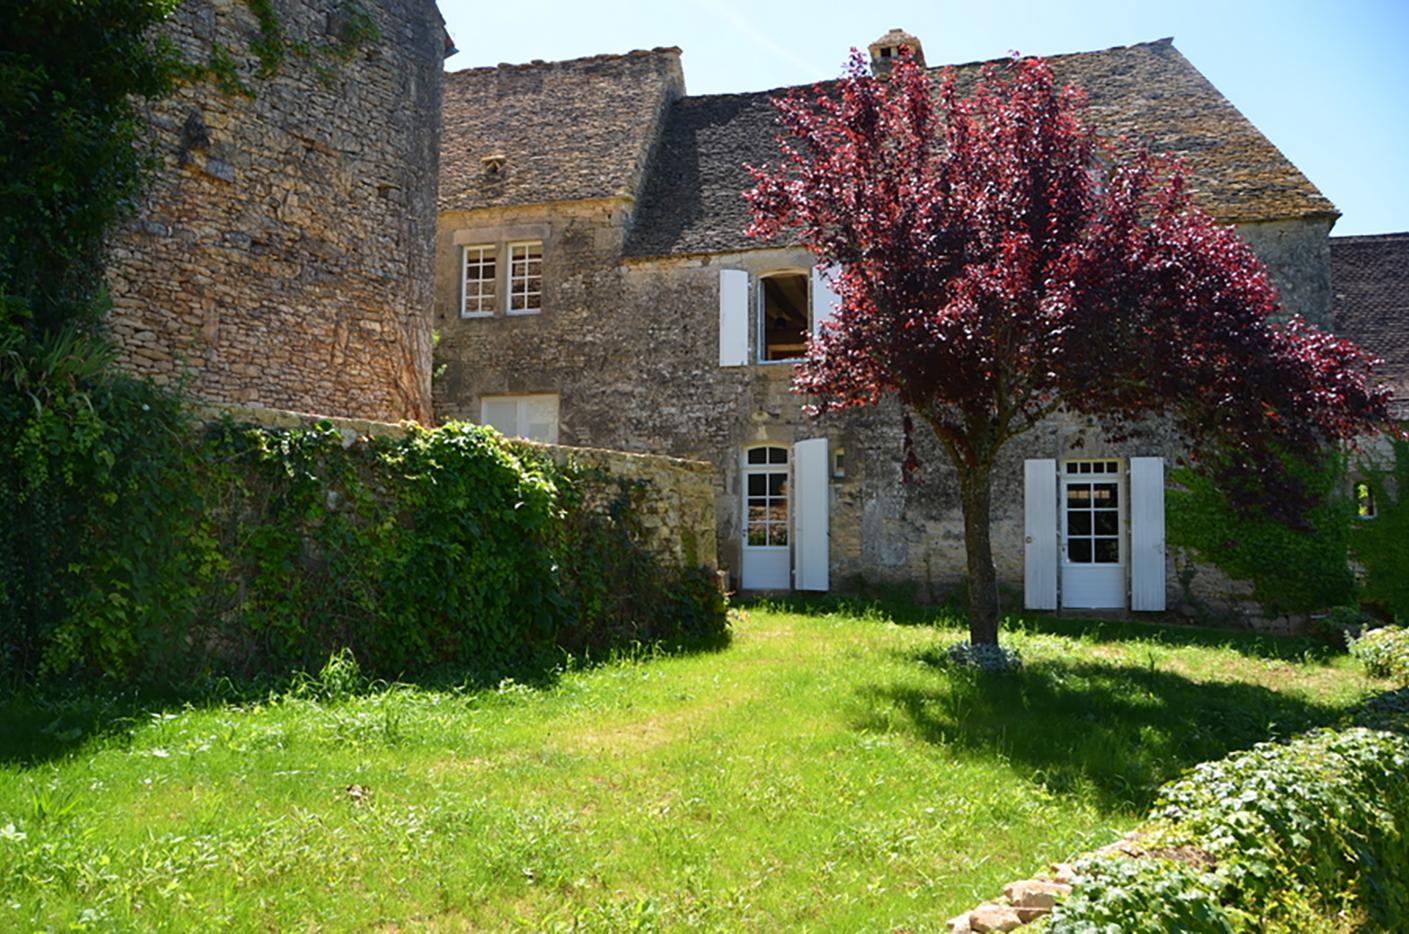 FRANCE<br />Cenac-et-St-Julien